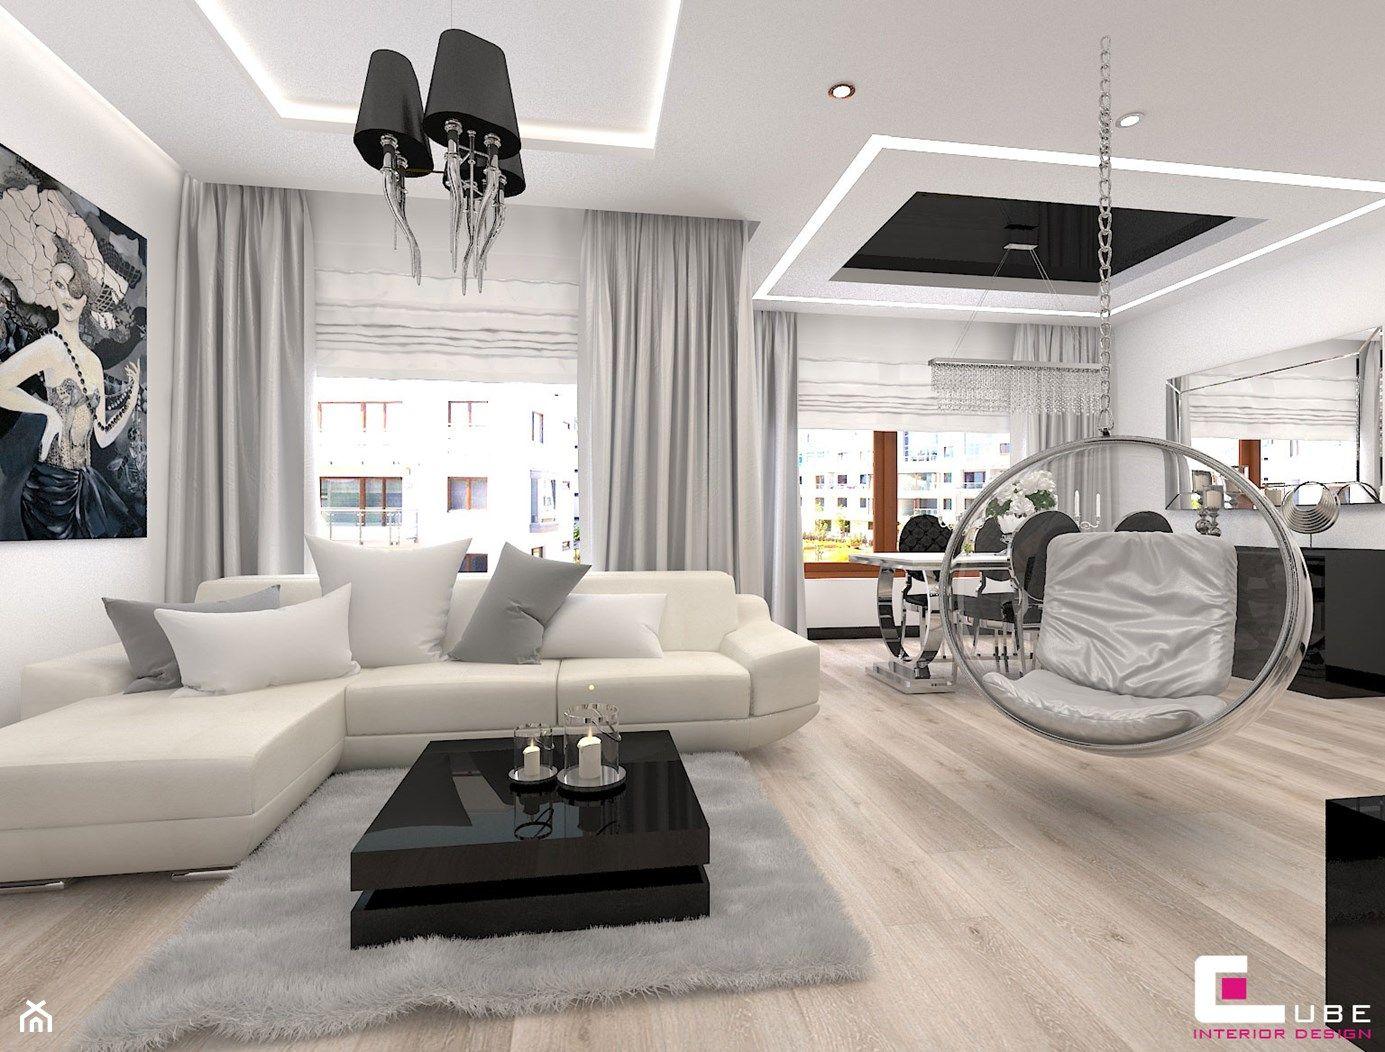 Wystroj Wnetrz Salon Pomysly Na Aranzacje Projekty Ktore Stanowia Pr Stairs In Living Room Living Room And Dining Room Design Interior Design Living Room